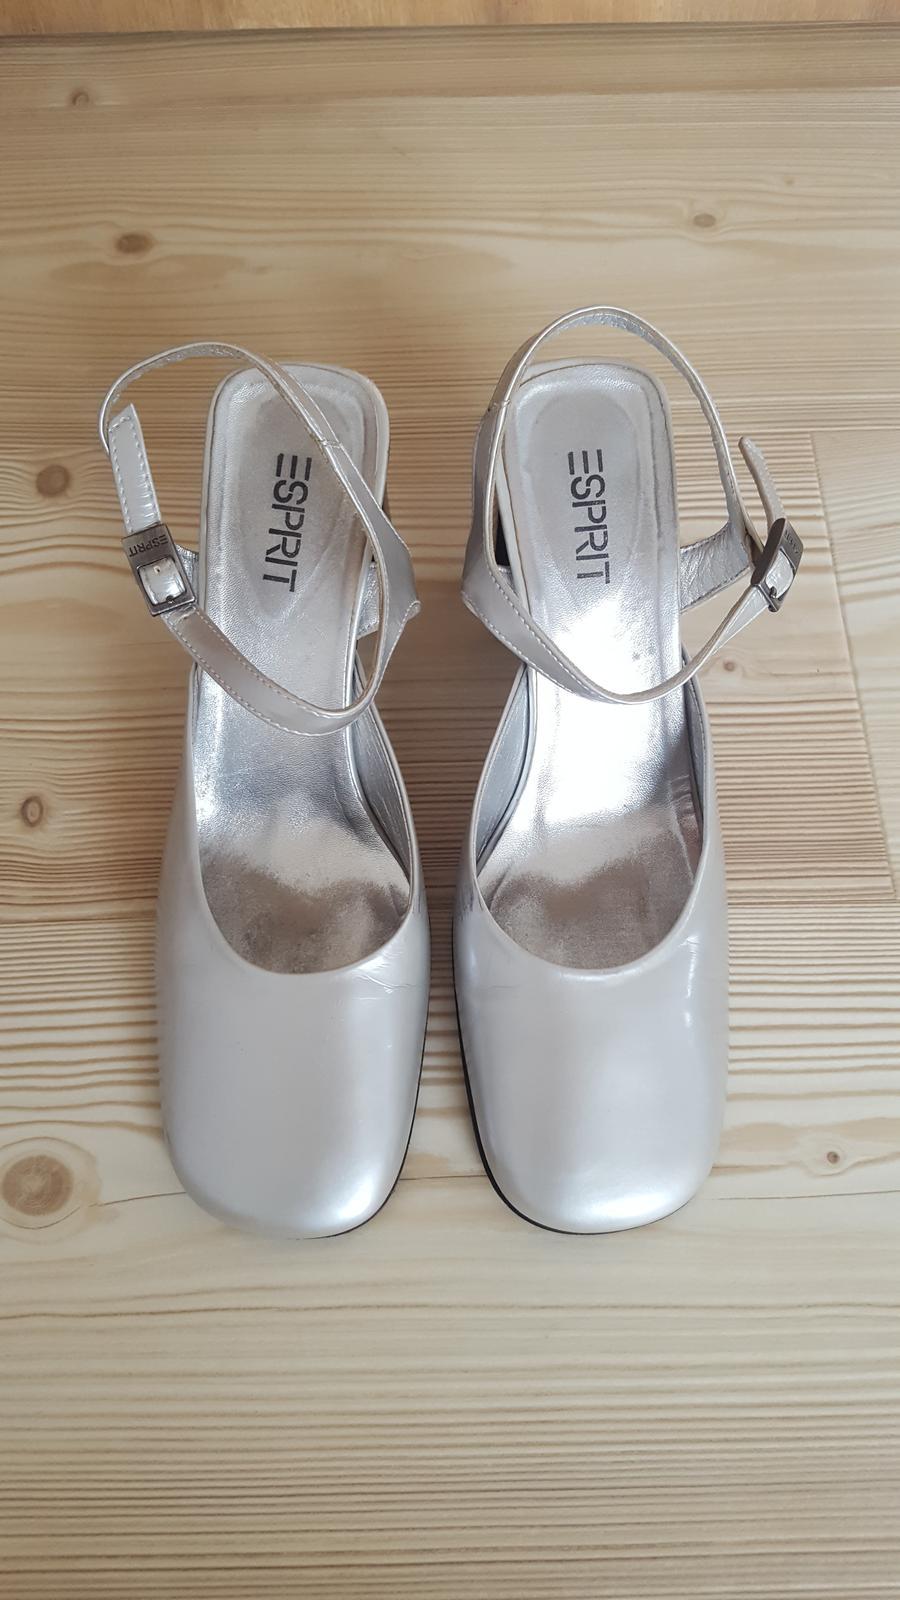 Boty na podpatku ESPRIT - Obrázek č. 3